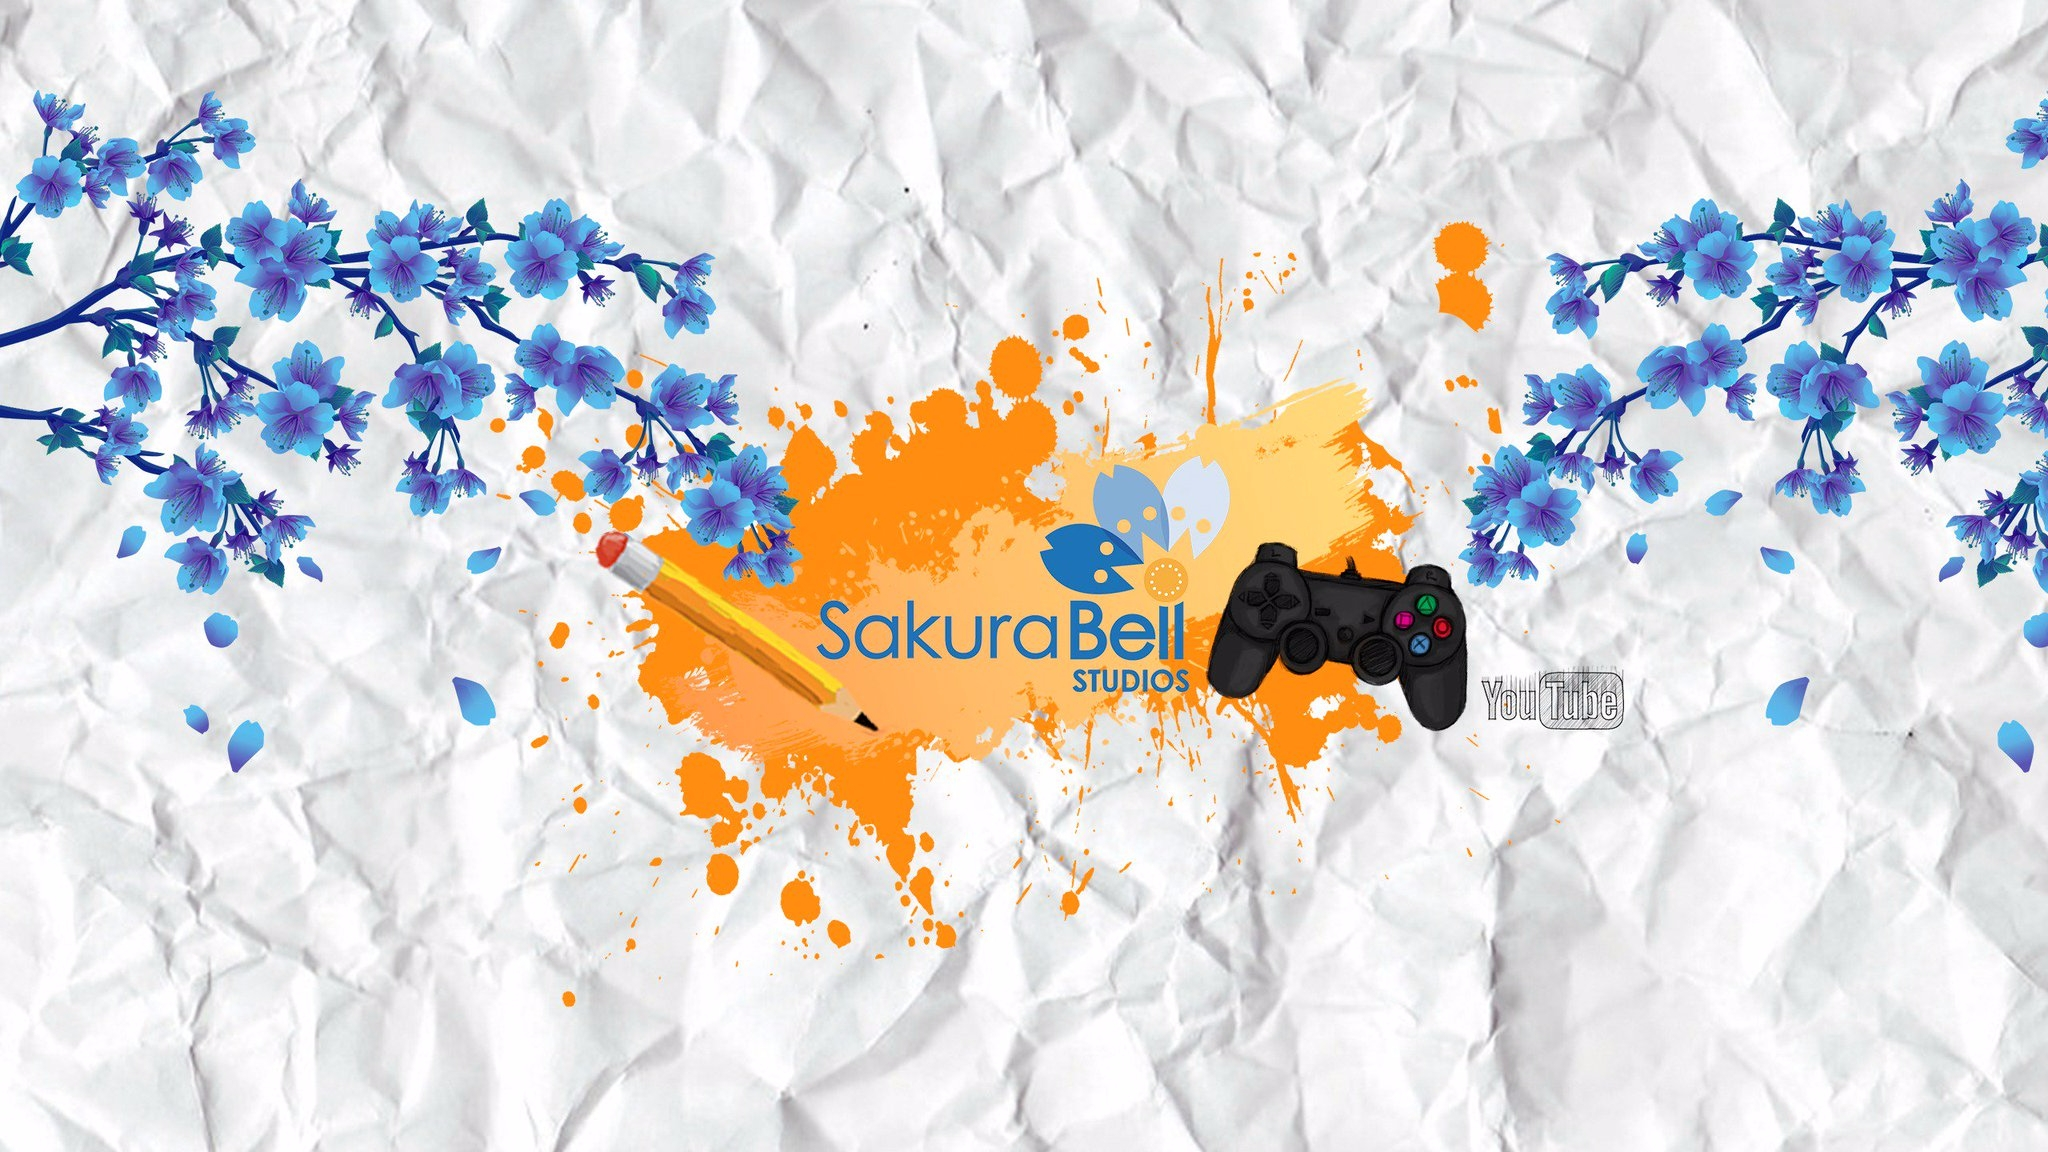 @sakurabell Cover Image